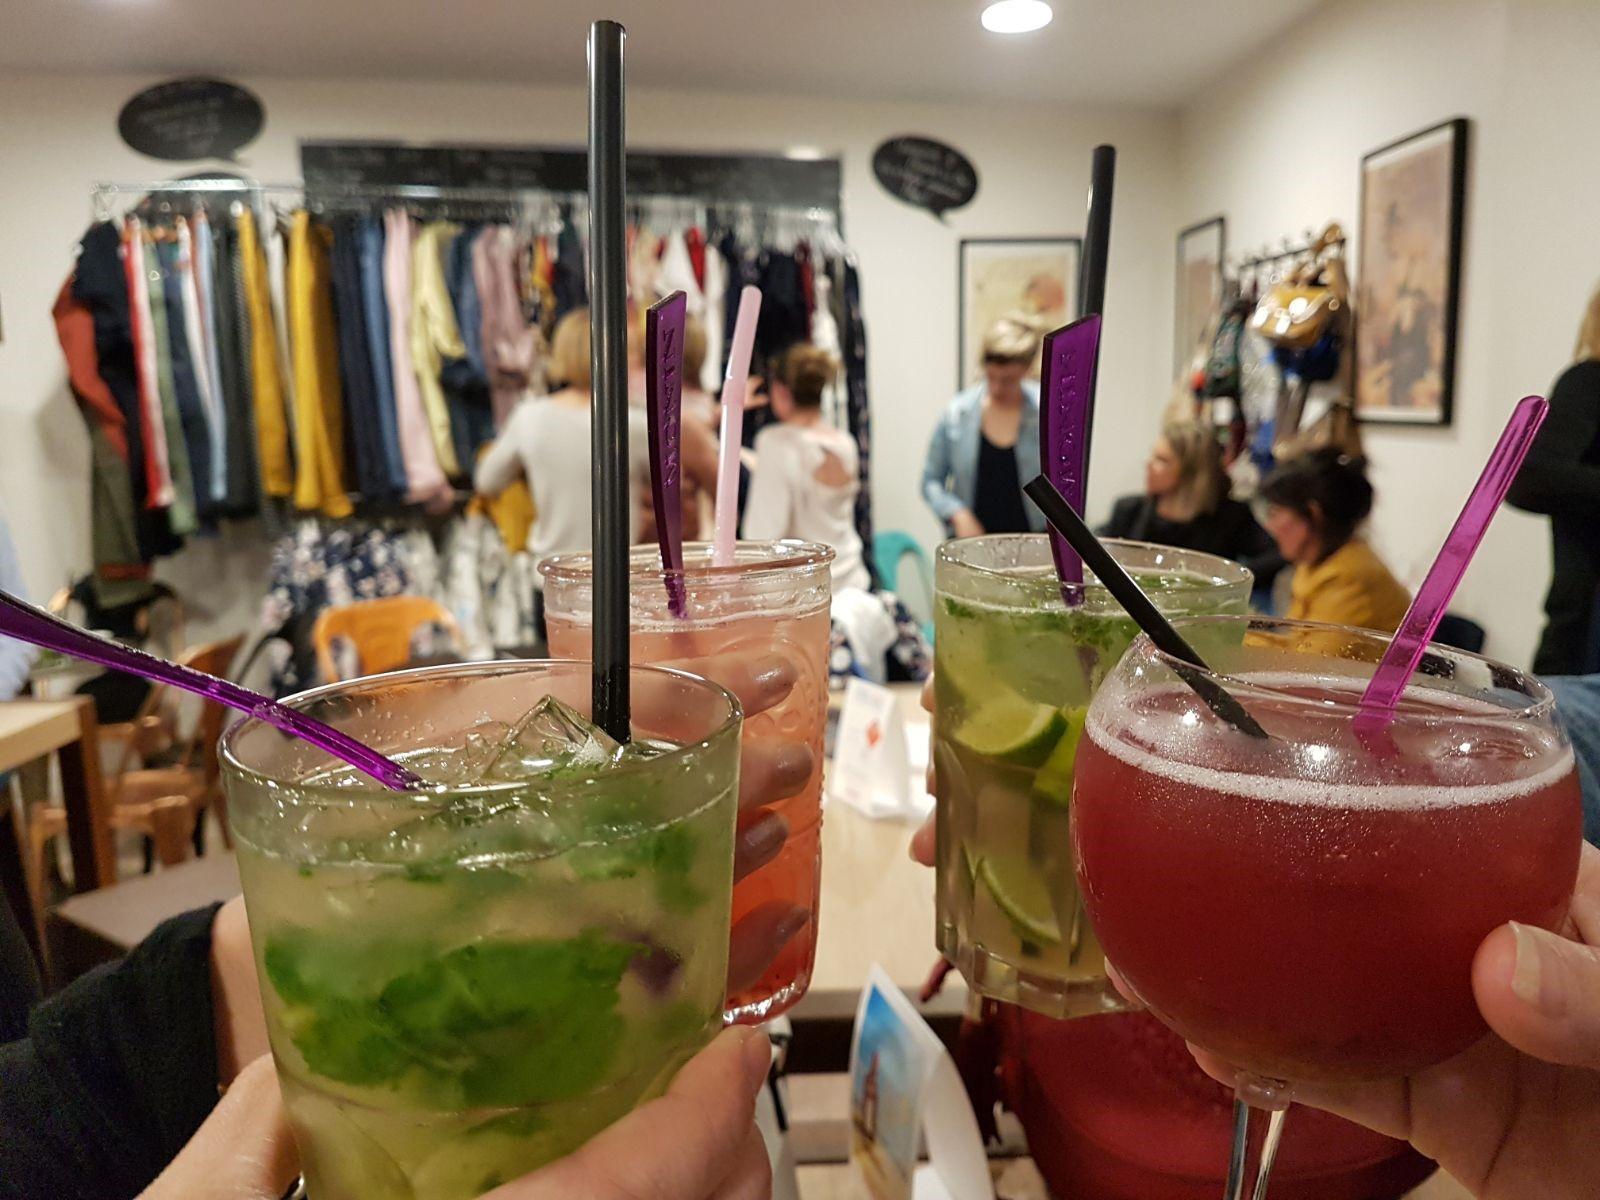 L'Atelier by Soif de Terroir : apéro shopping avec Mademoiselle Shop, cocktails avec et sans alcool